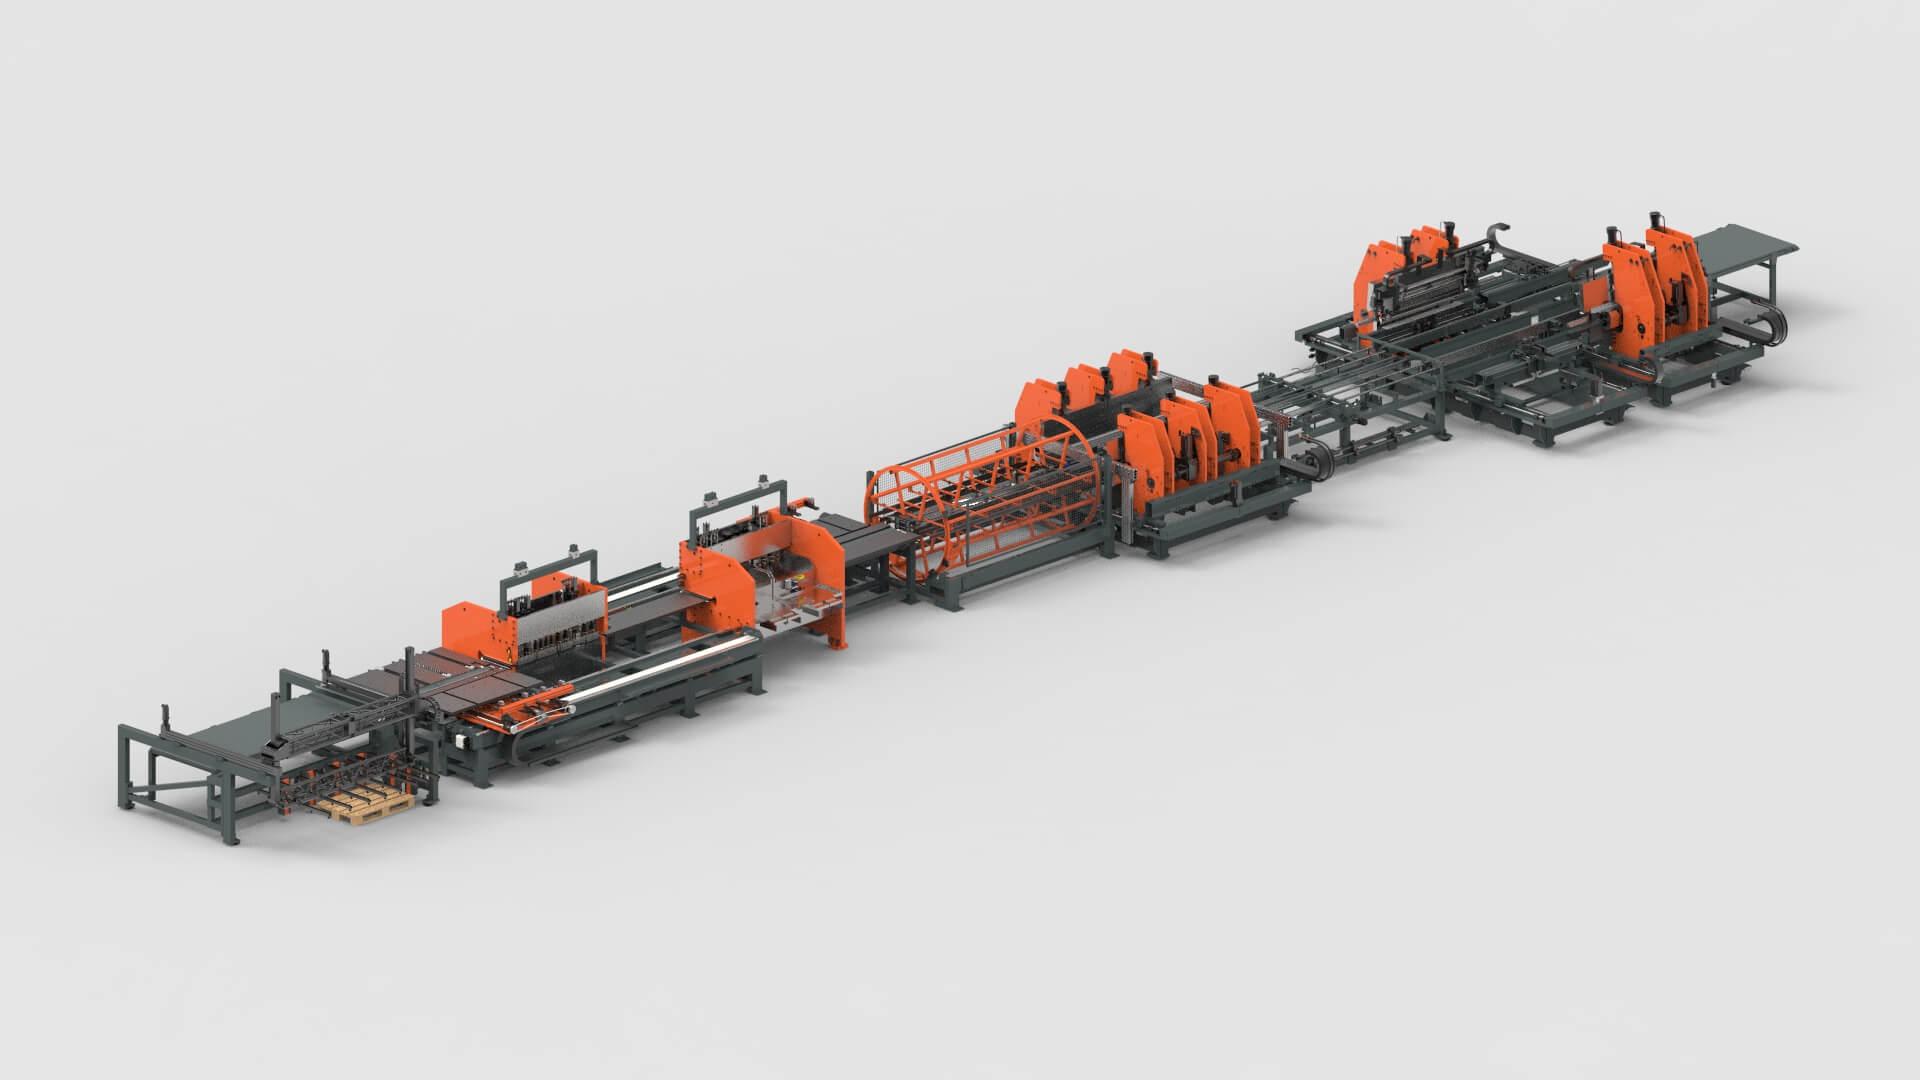 Blechbearbeitung Stanzen Biegen Produktionslinie für Stahlschränke